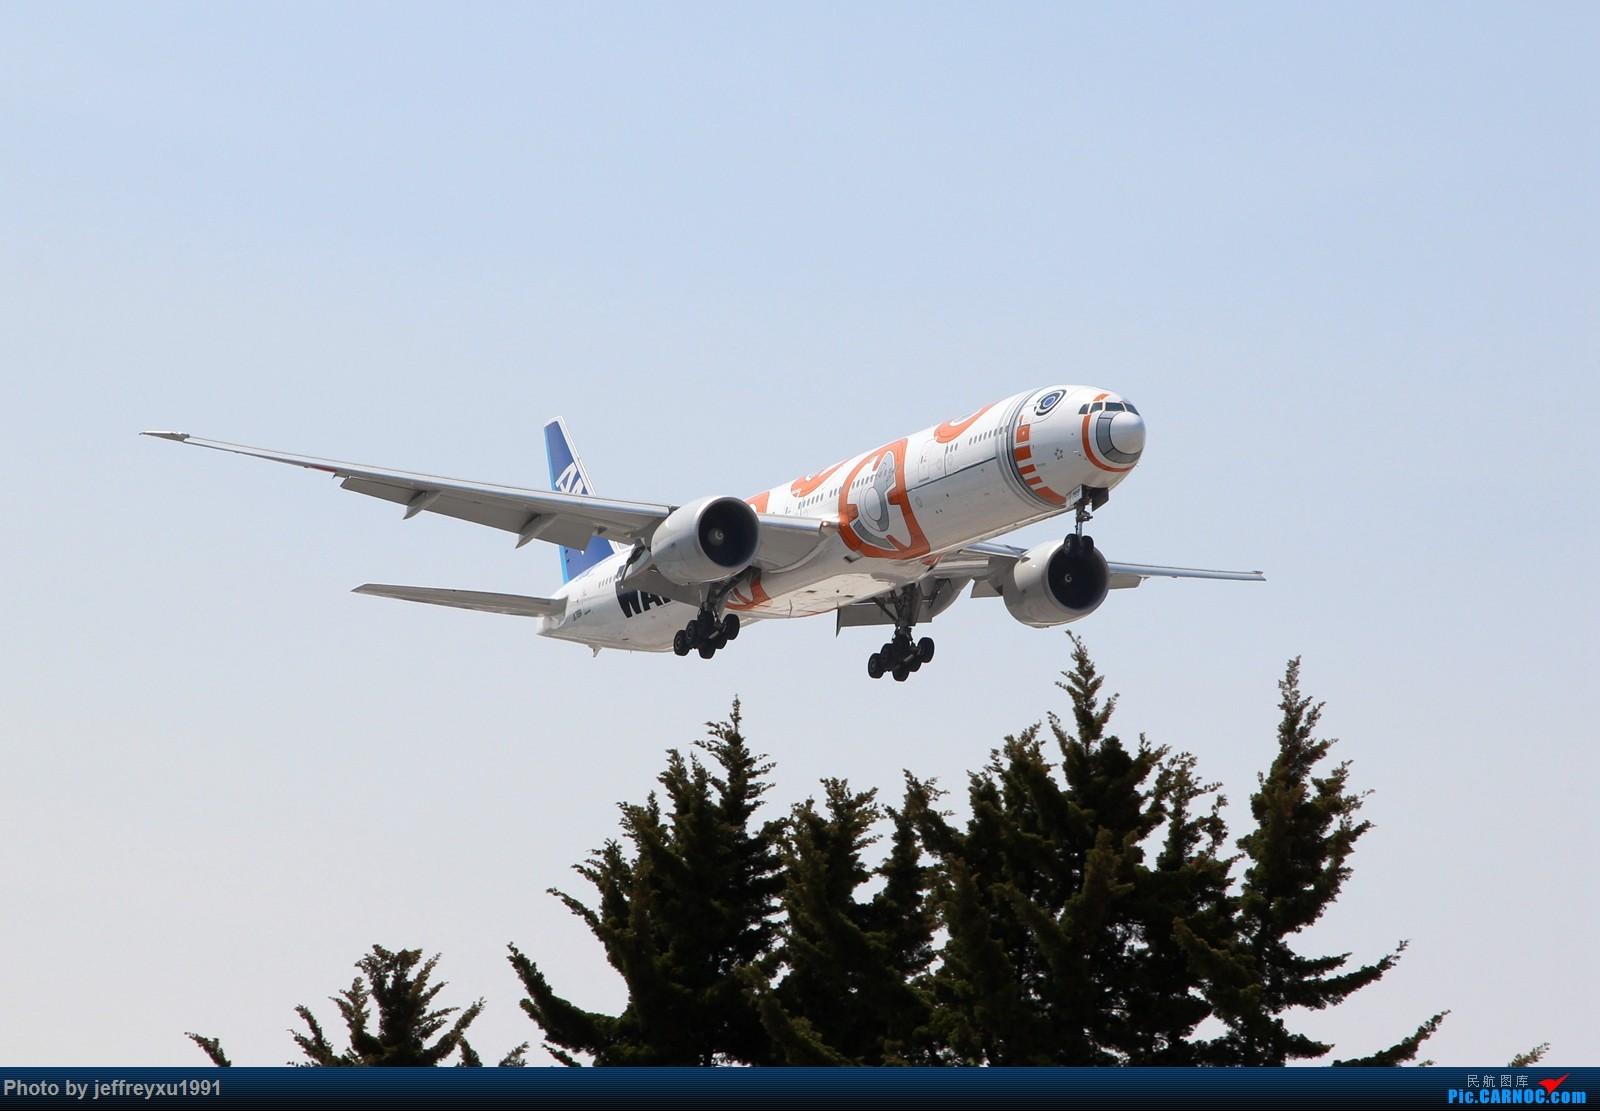 [原创]【芝加哥拍机】全日空 波音777-300ER(JA789A)星球大战 BB-8涂装 降落ORD BOEING 777-300ER JA789A 美国芝加哥奥黑尔国际机场